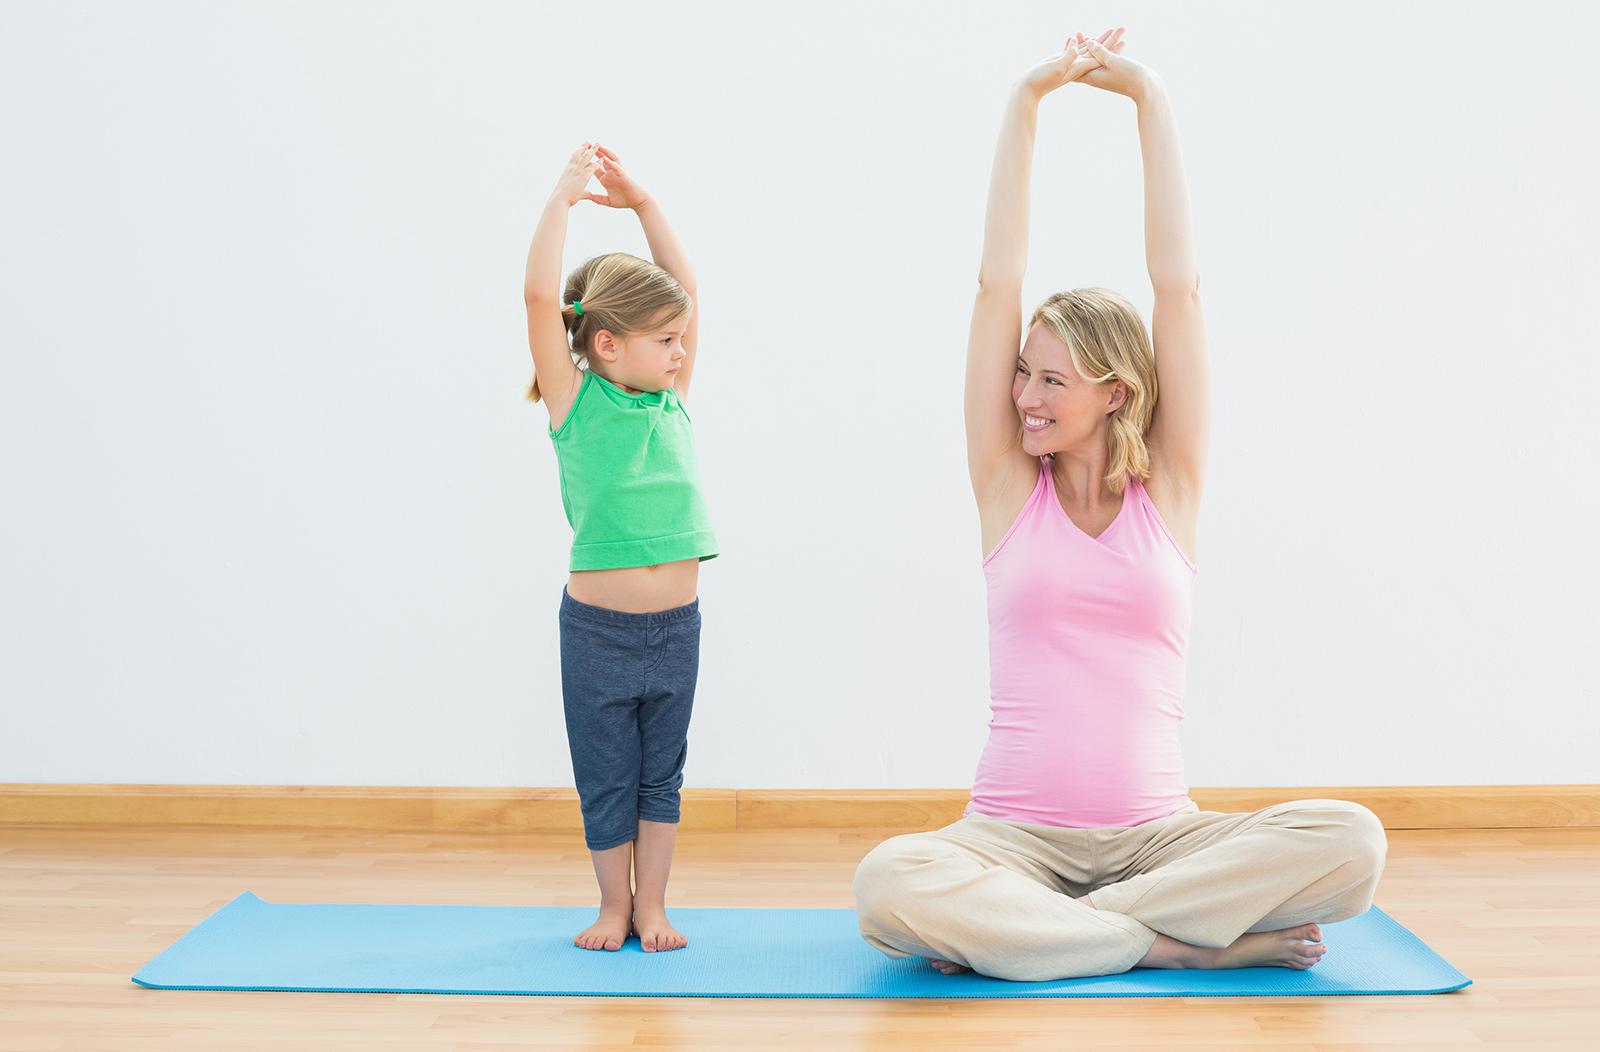 Silla yoga Inversion, Pide los Mejores   Aquí